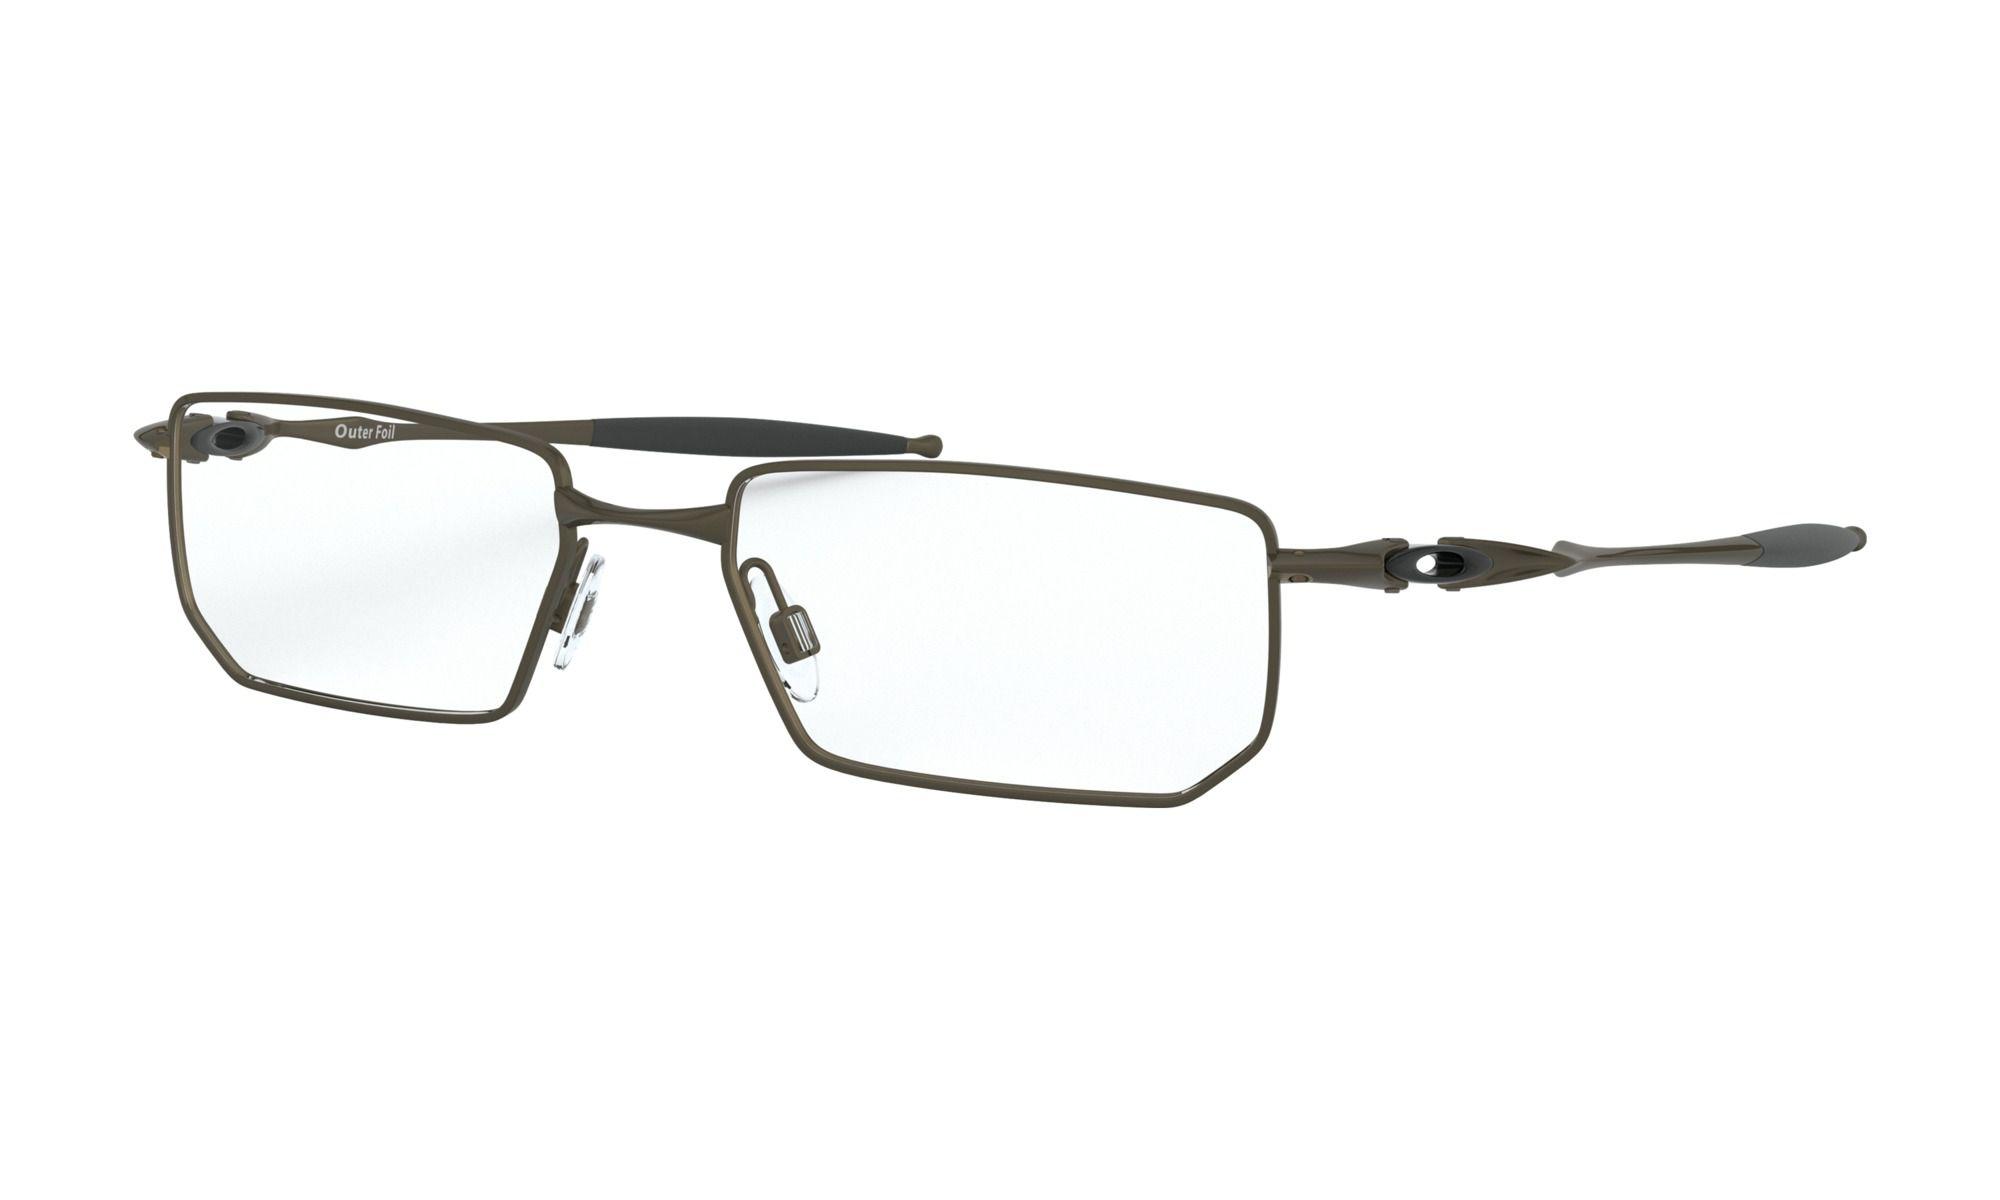 Óculos de Grau Oakley Outer Foil Marrom